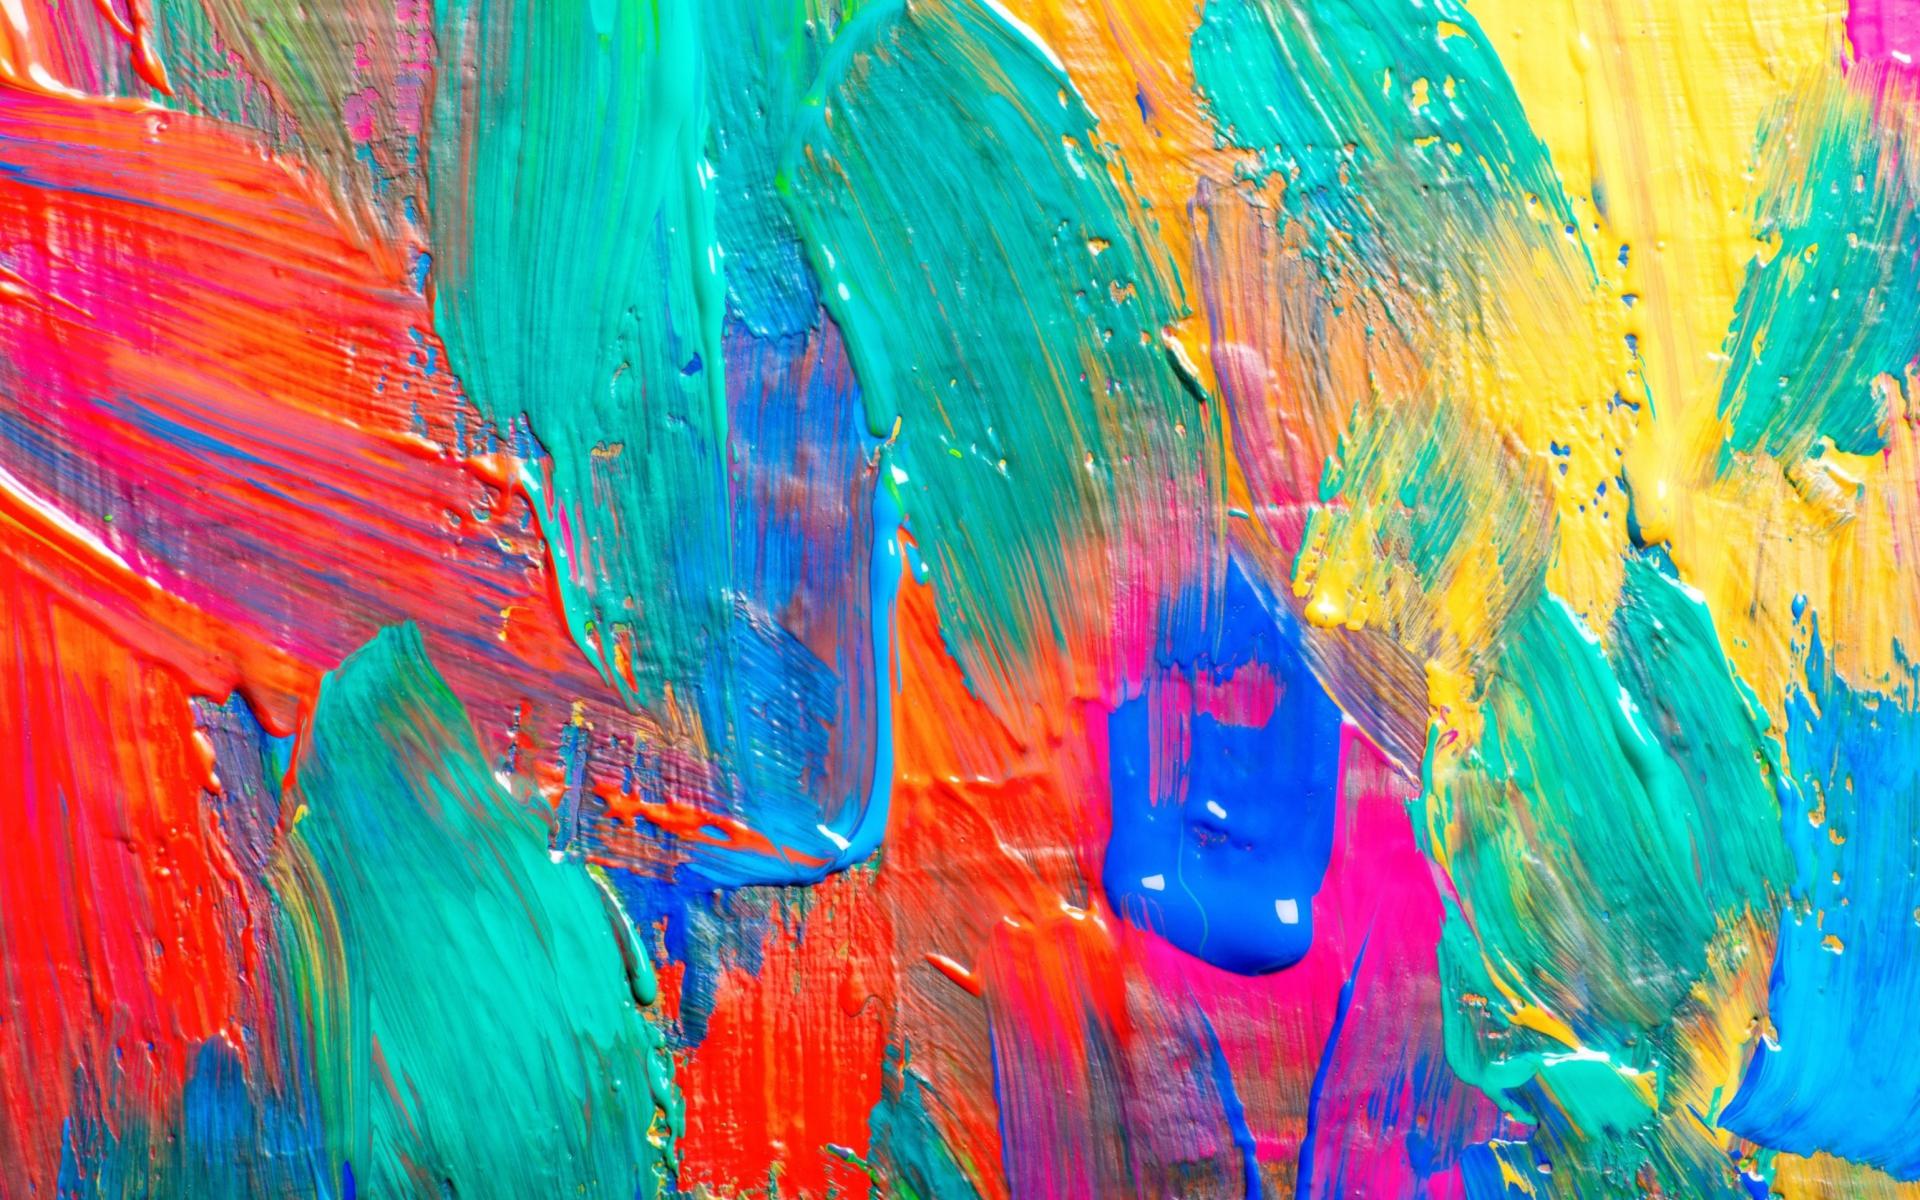 acrylic paint fondos de pantalla gratis para widescreen